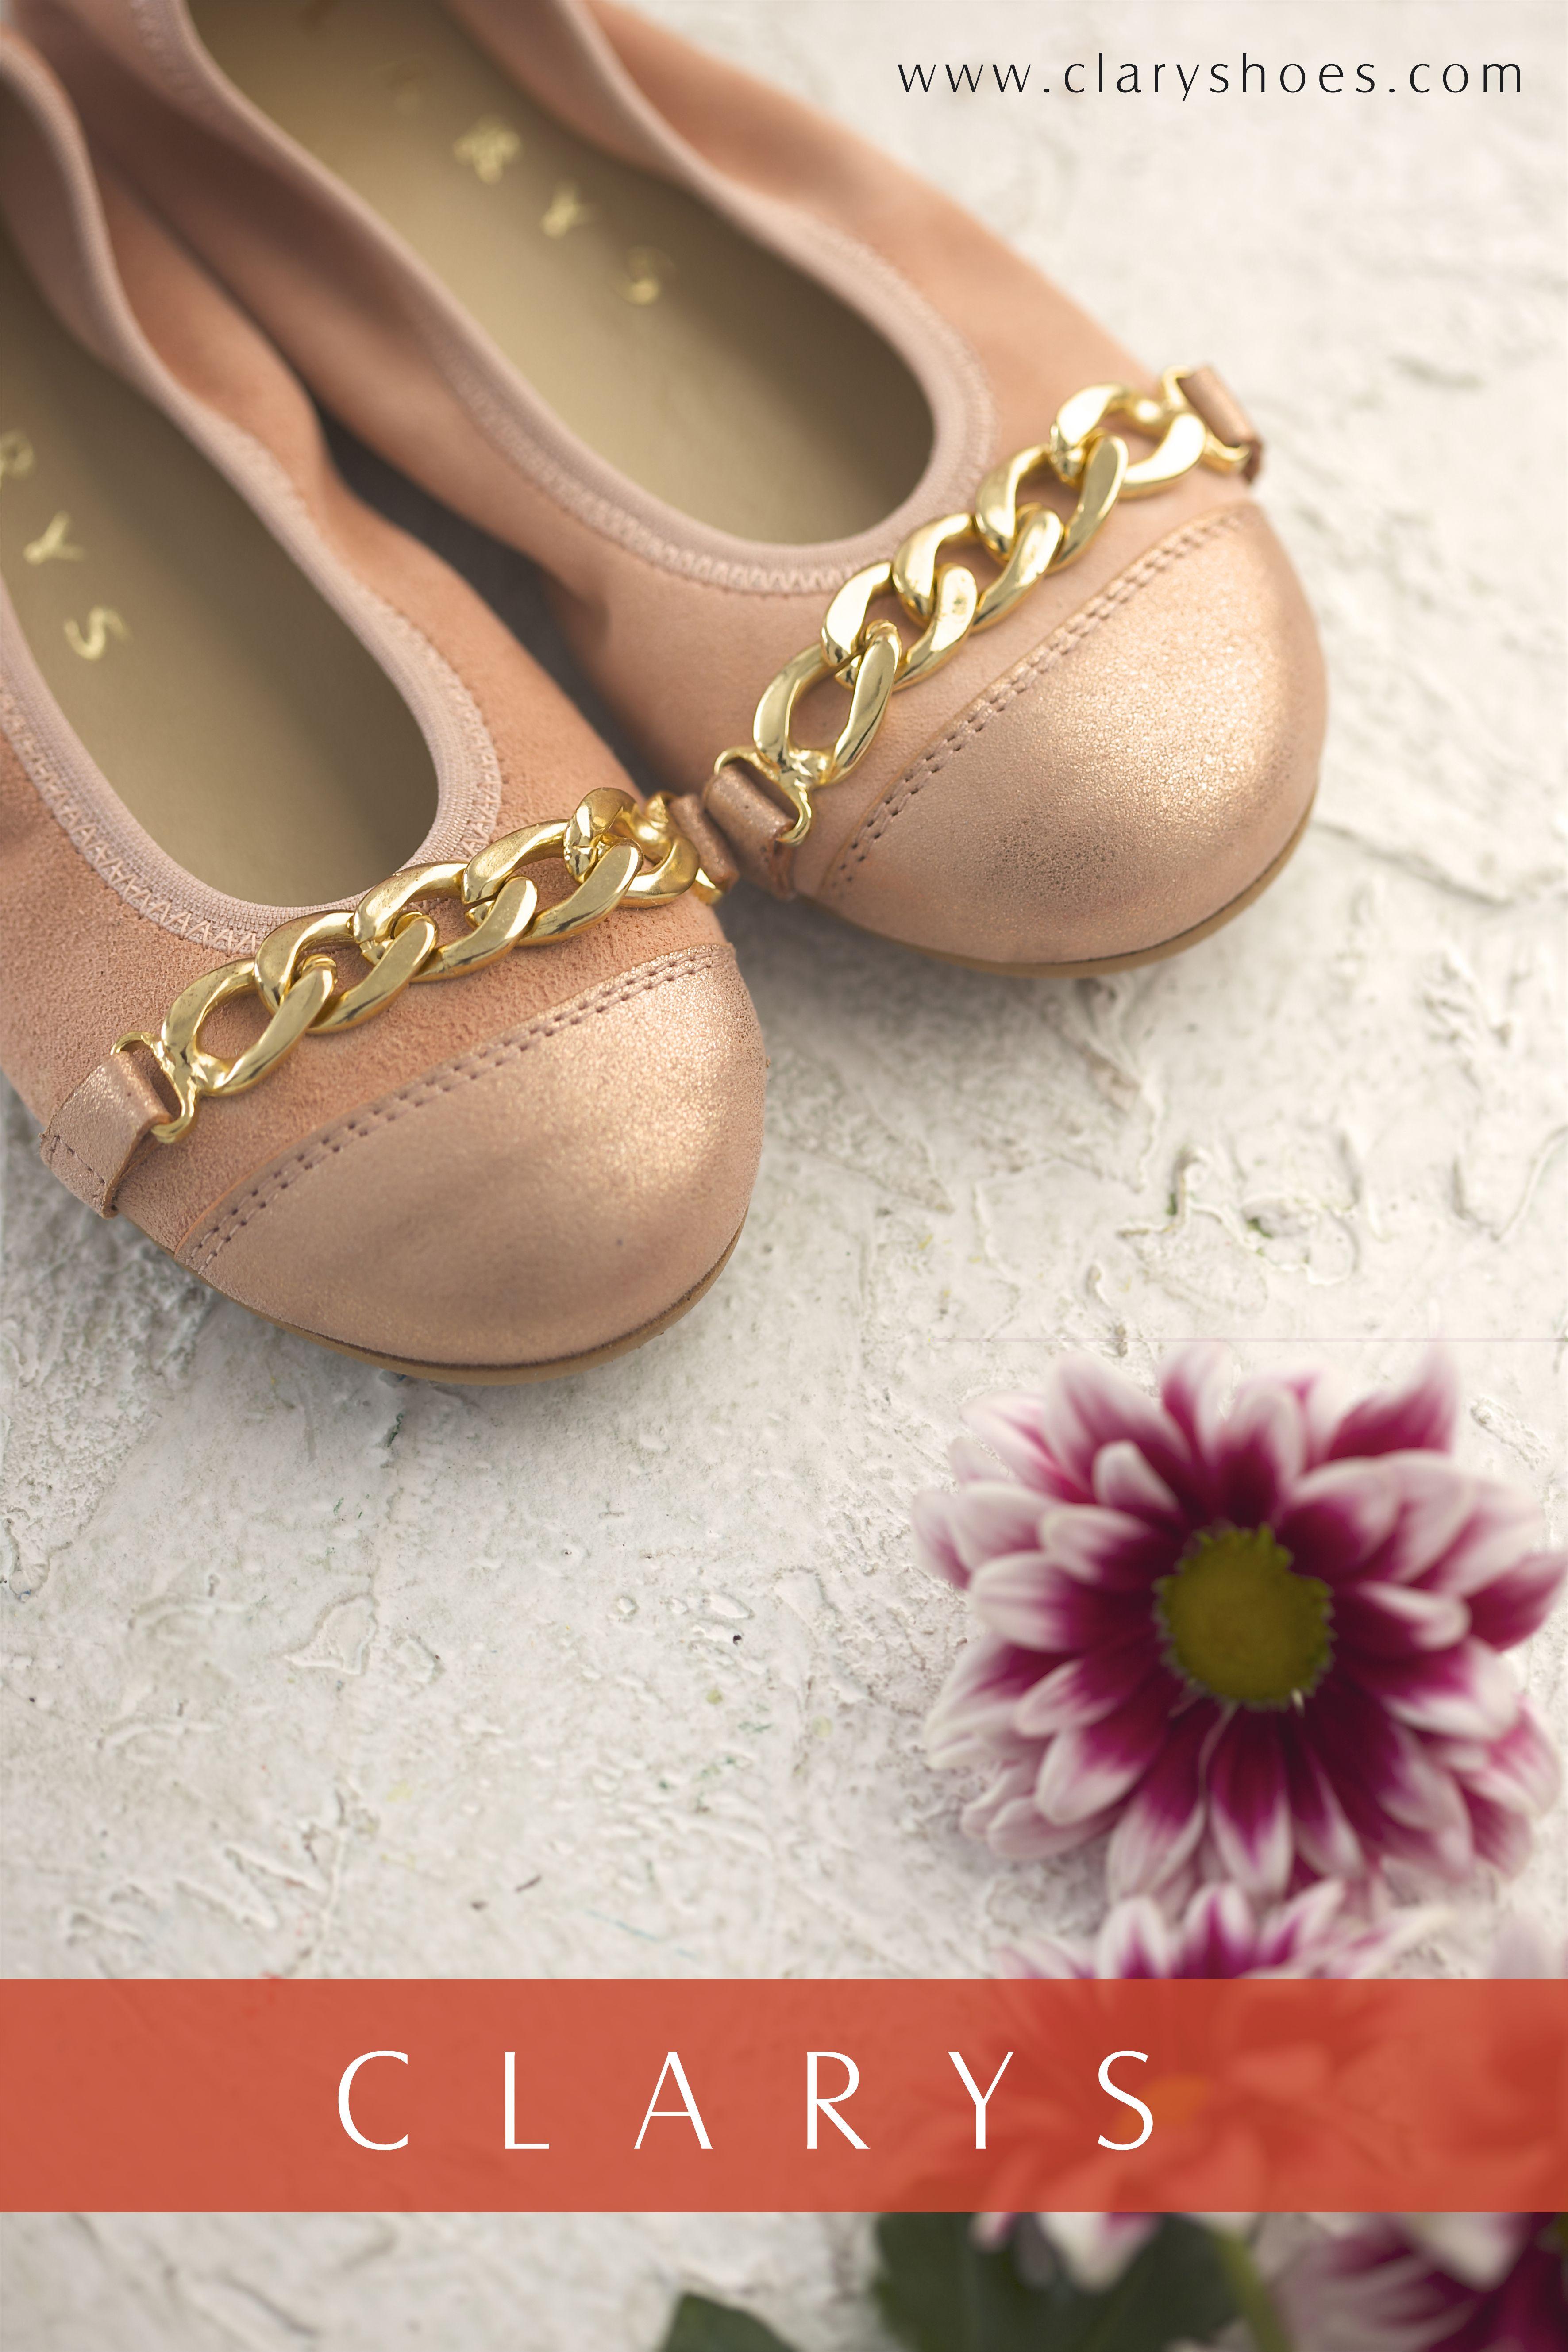 Fashion Clarys. www.tienda.claryshoes.com